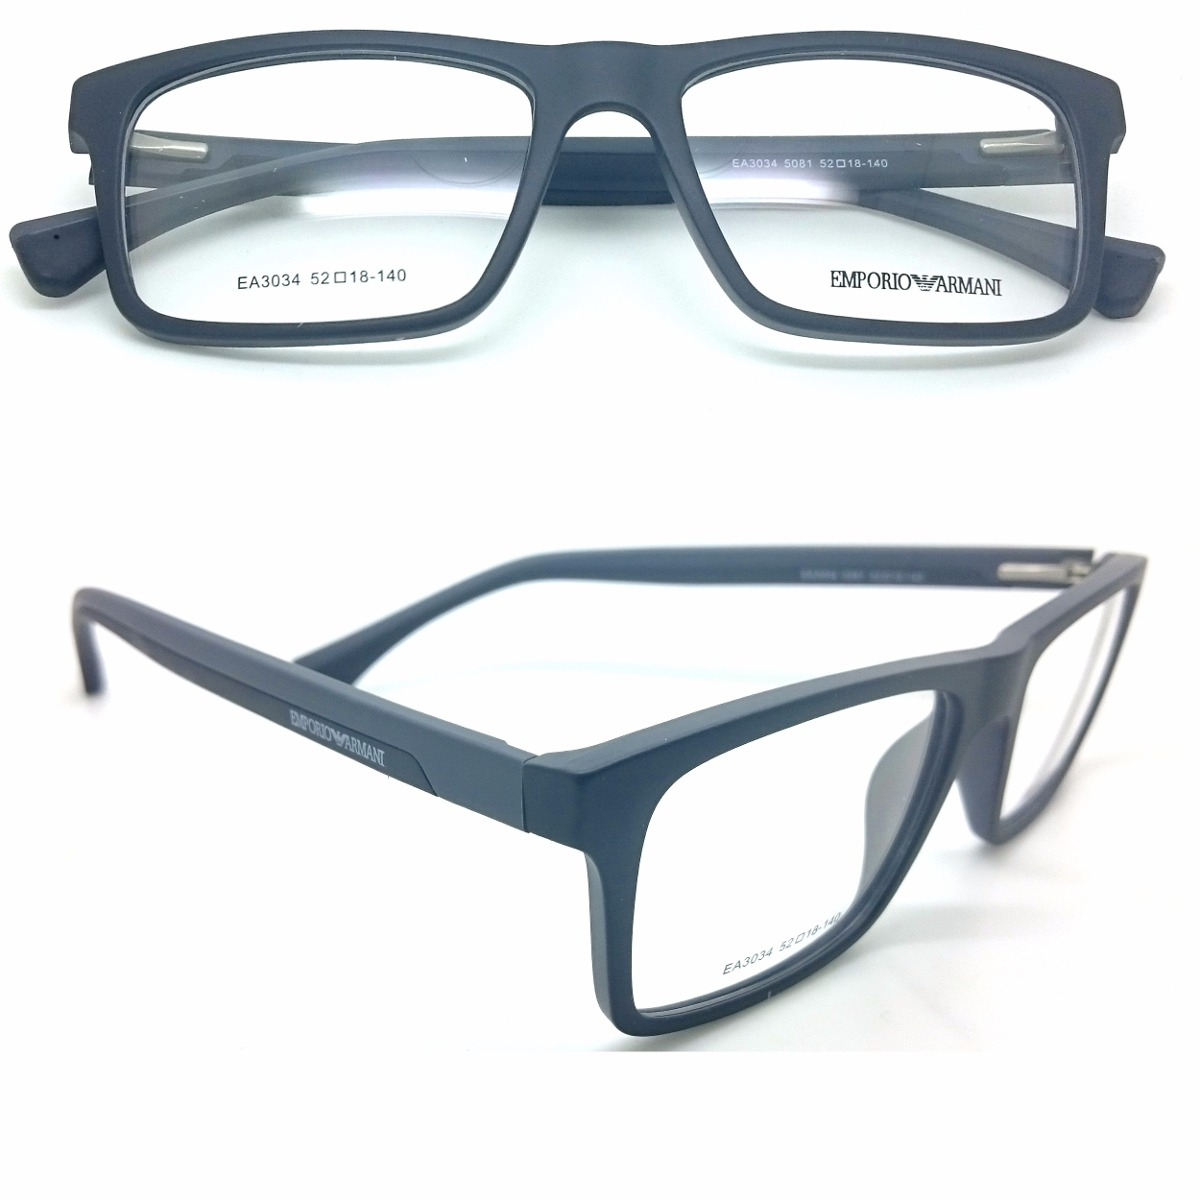 c09e004c6 armação armani p/ óculos grau masculina feminina com brinde. Carregando  zoom.